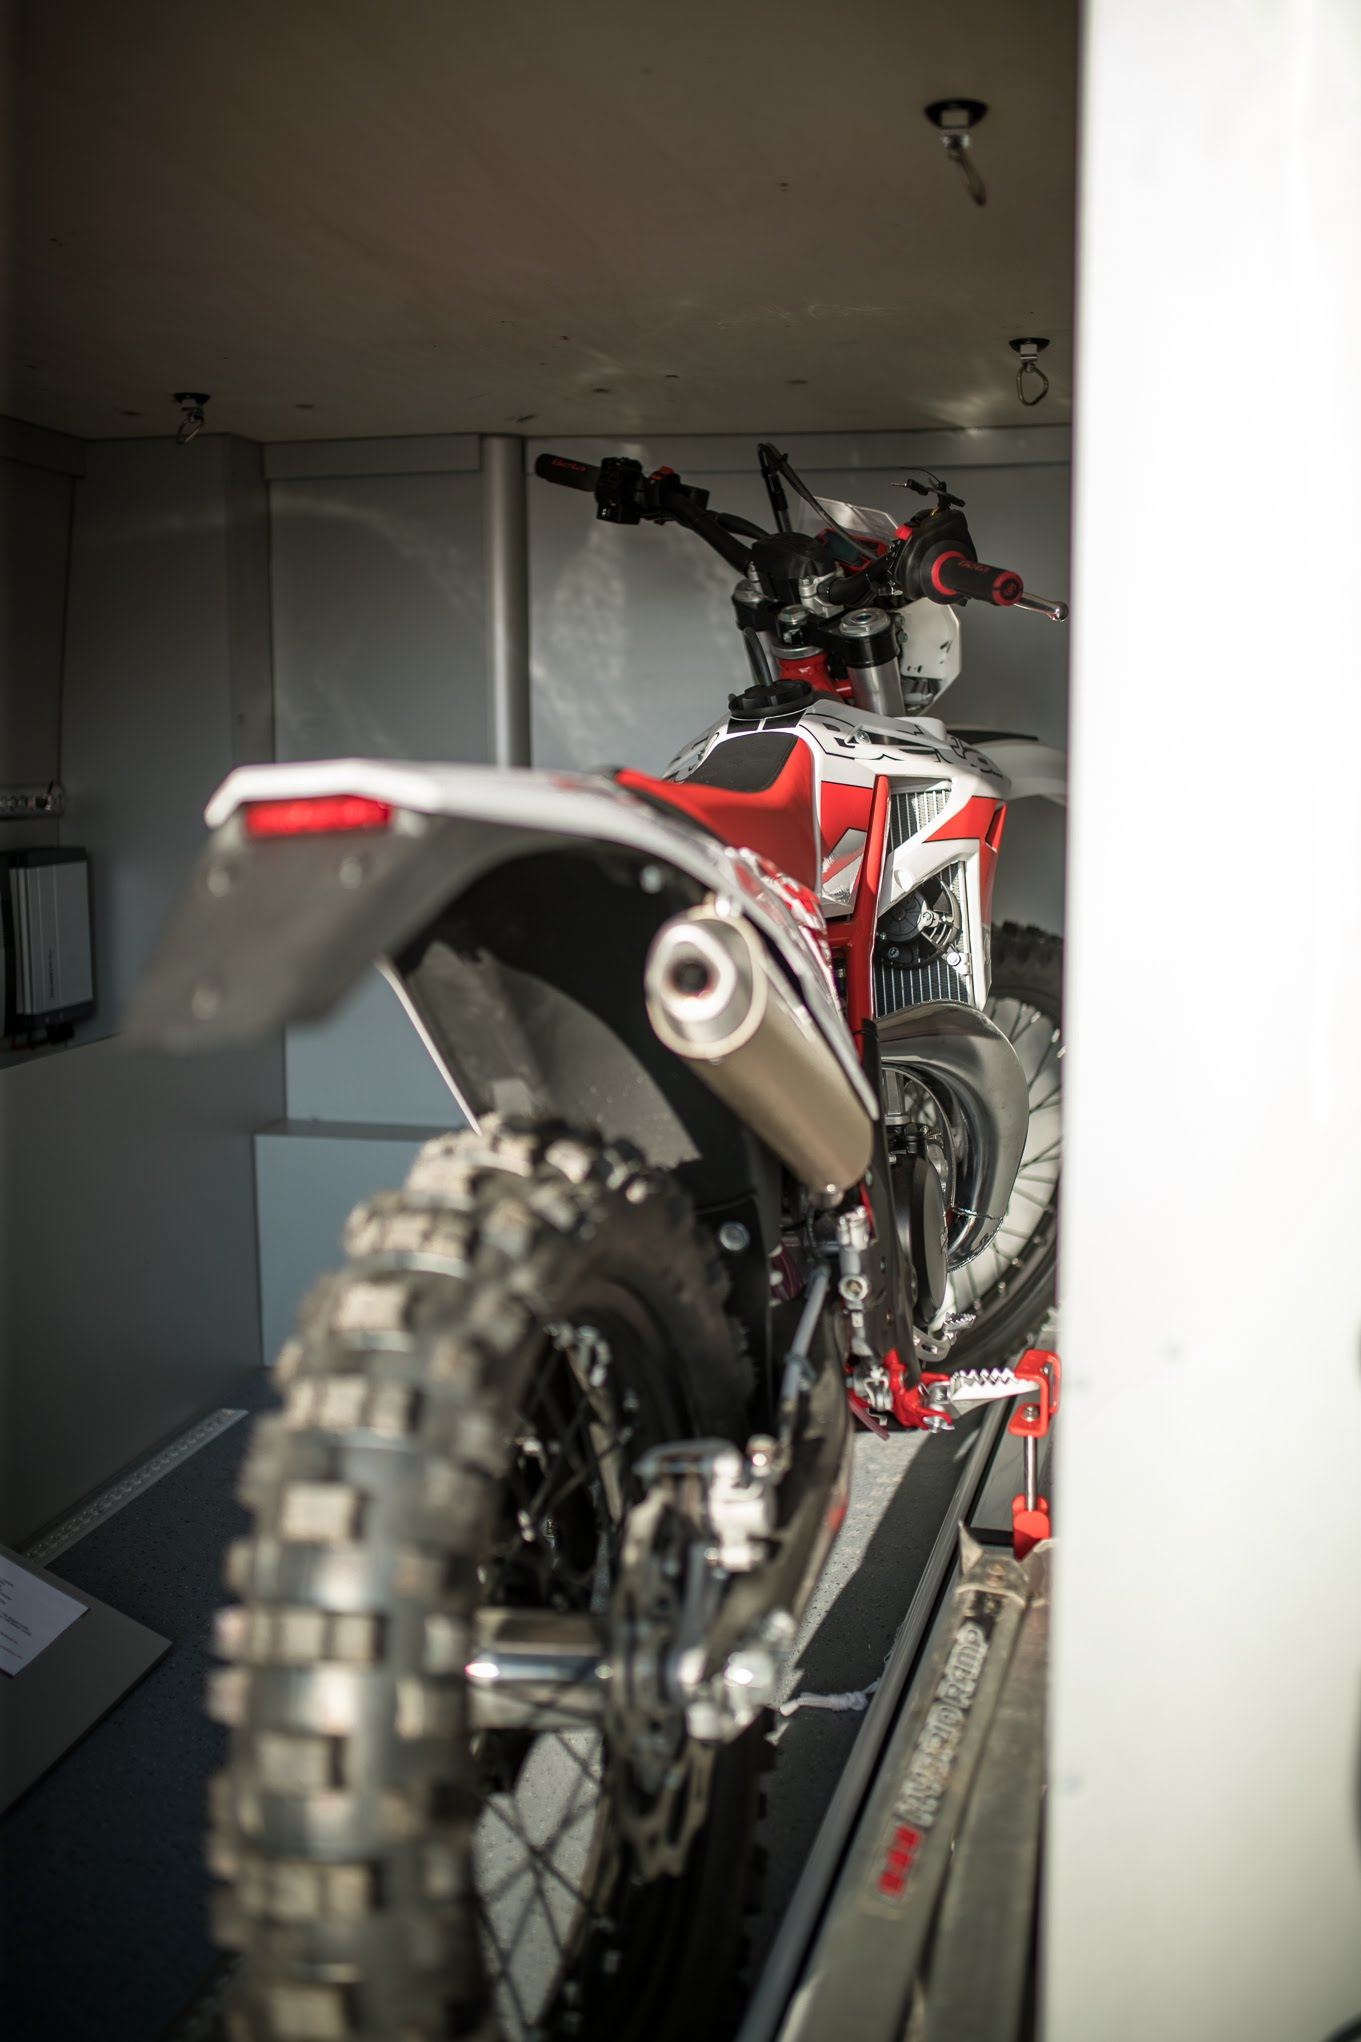 riessige garage camper motorradgarage im heck vom wohnmobil vrm vr-motorhomes